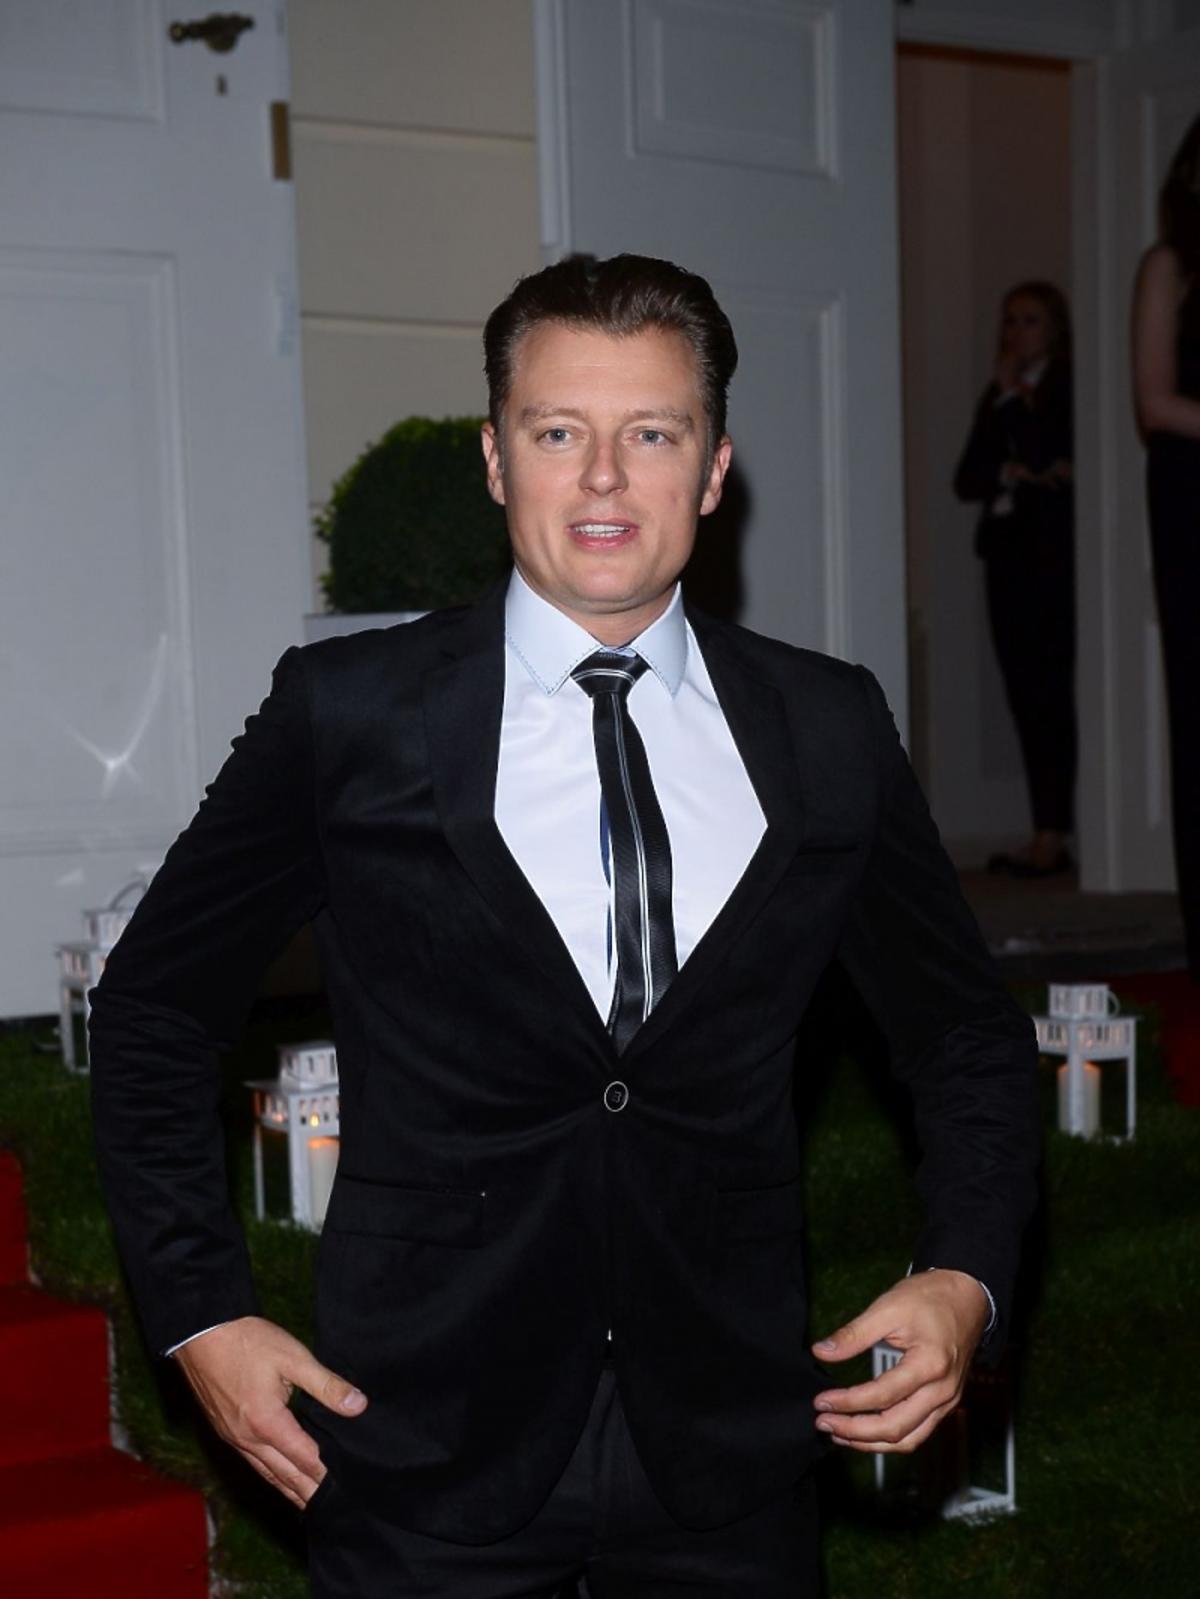 Rafał Brzozowski w garniturze na imprezie marki Kruk